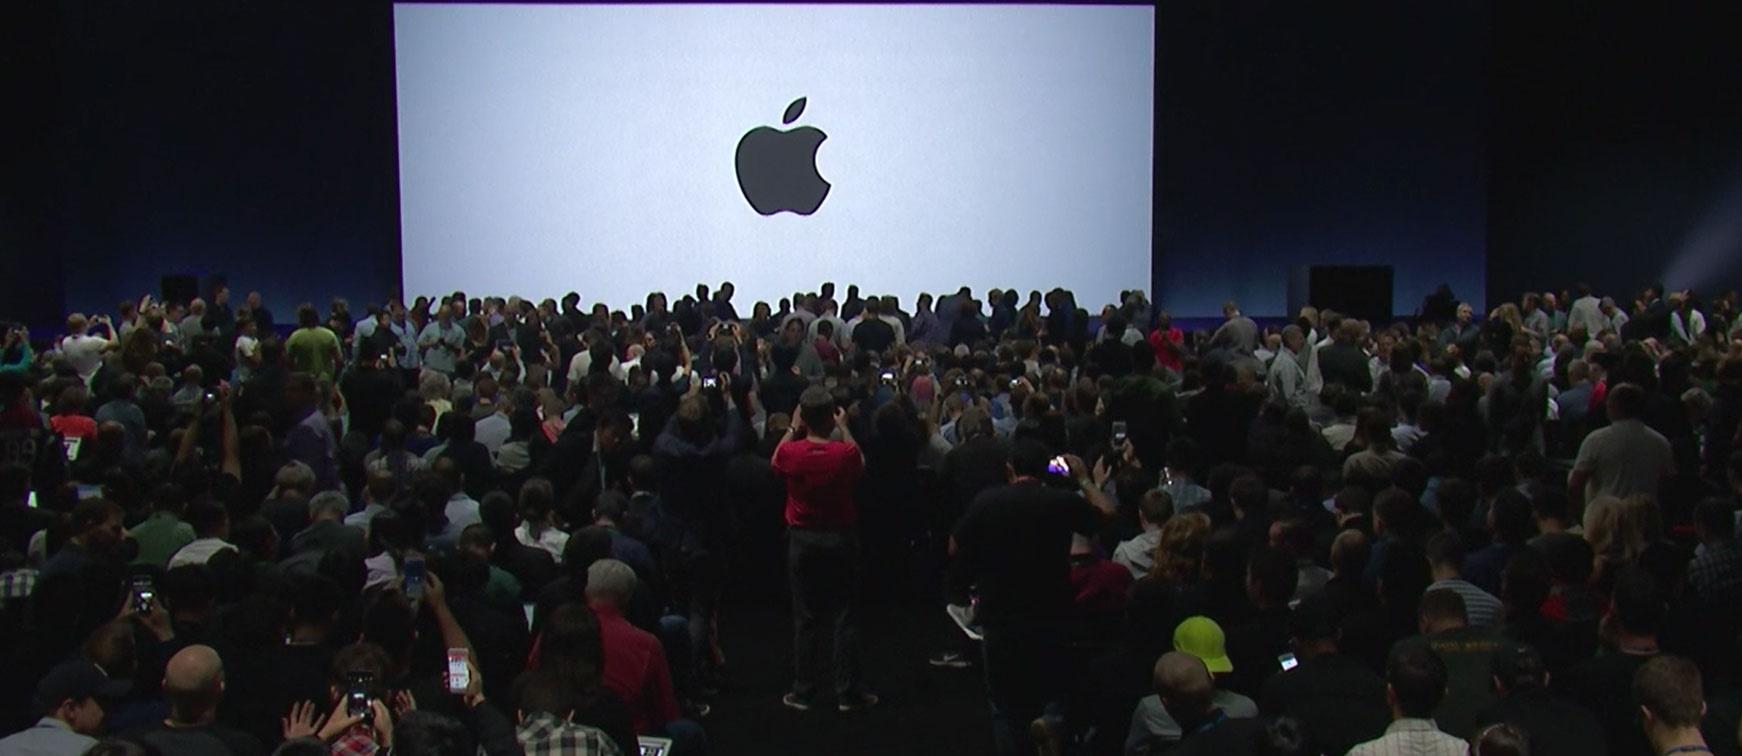 افتتاحیه WWDC 2017 اپل را اینجا ببینید